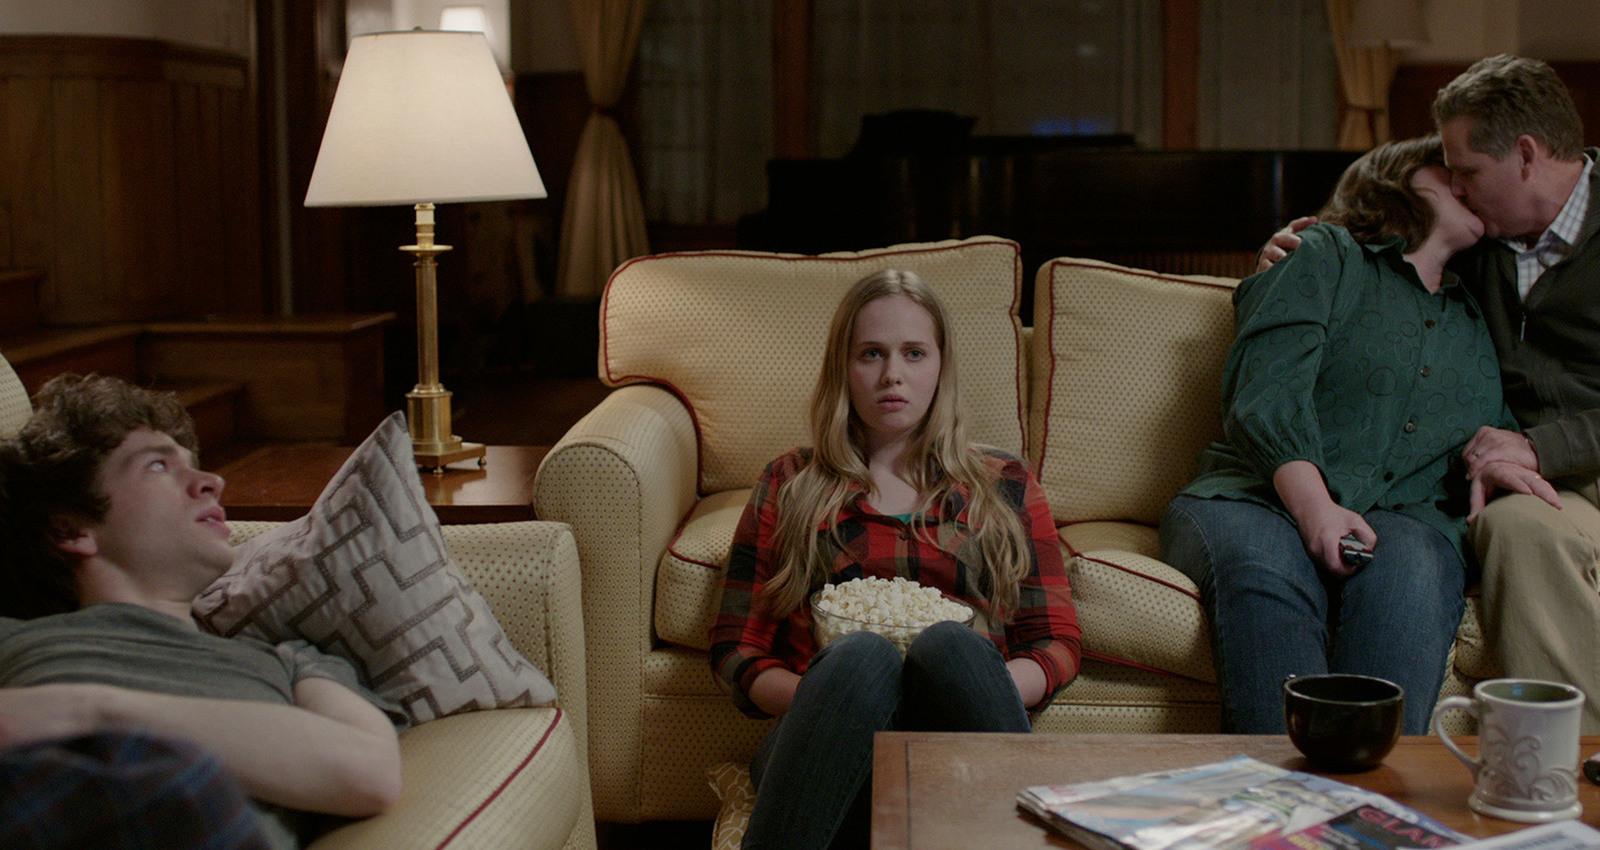 Awkward Family Viewing